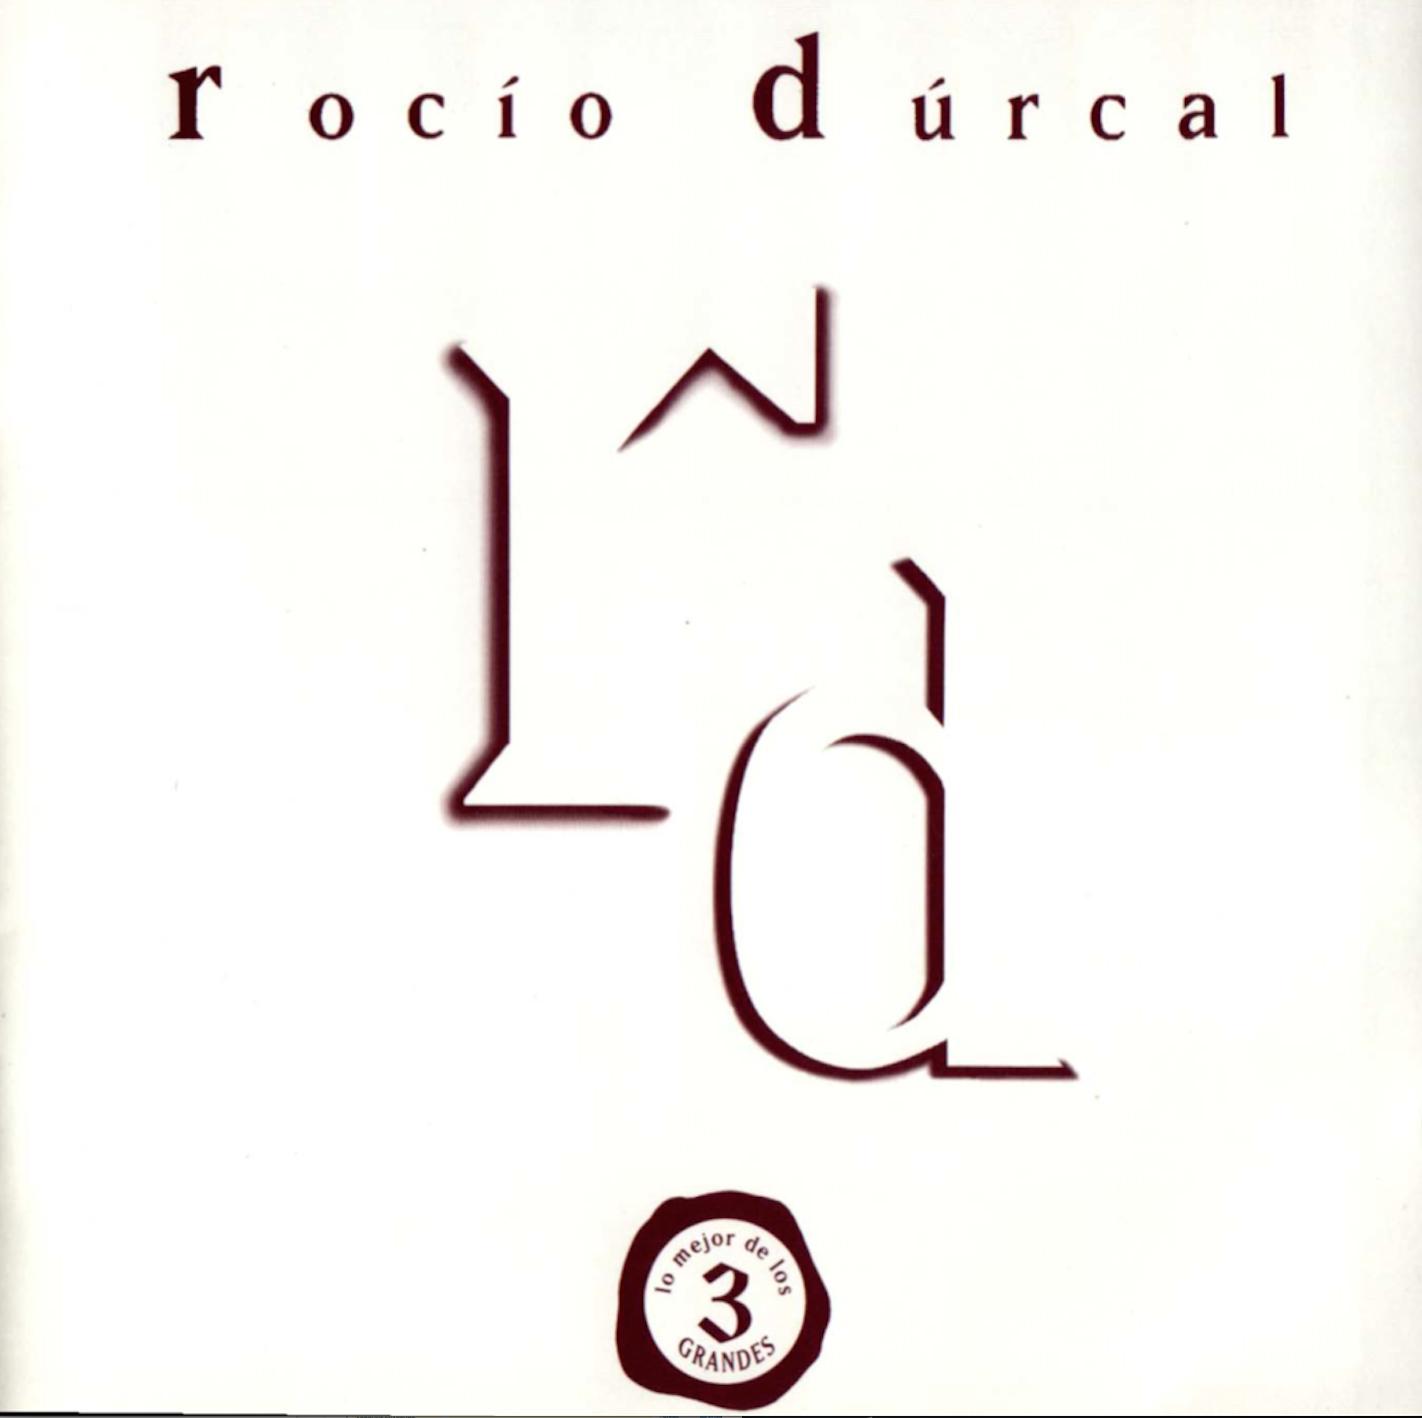 ROCIO DURCAL _LO MEJOR DE LOS TRES GRANDES_